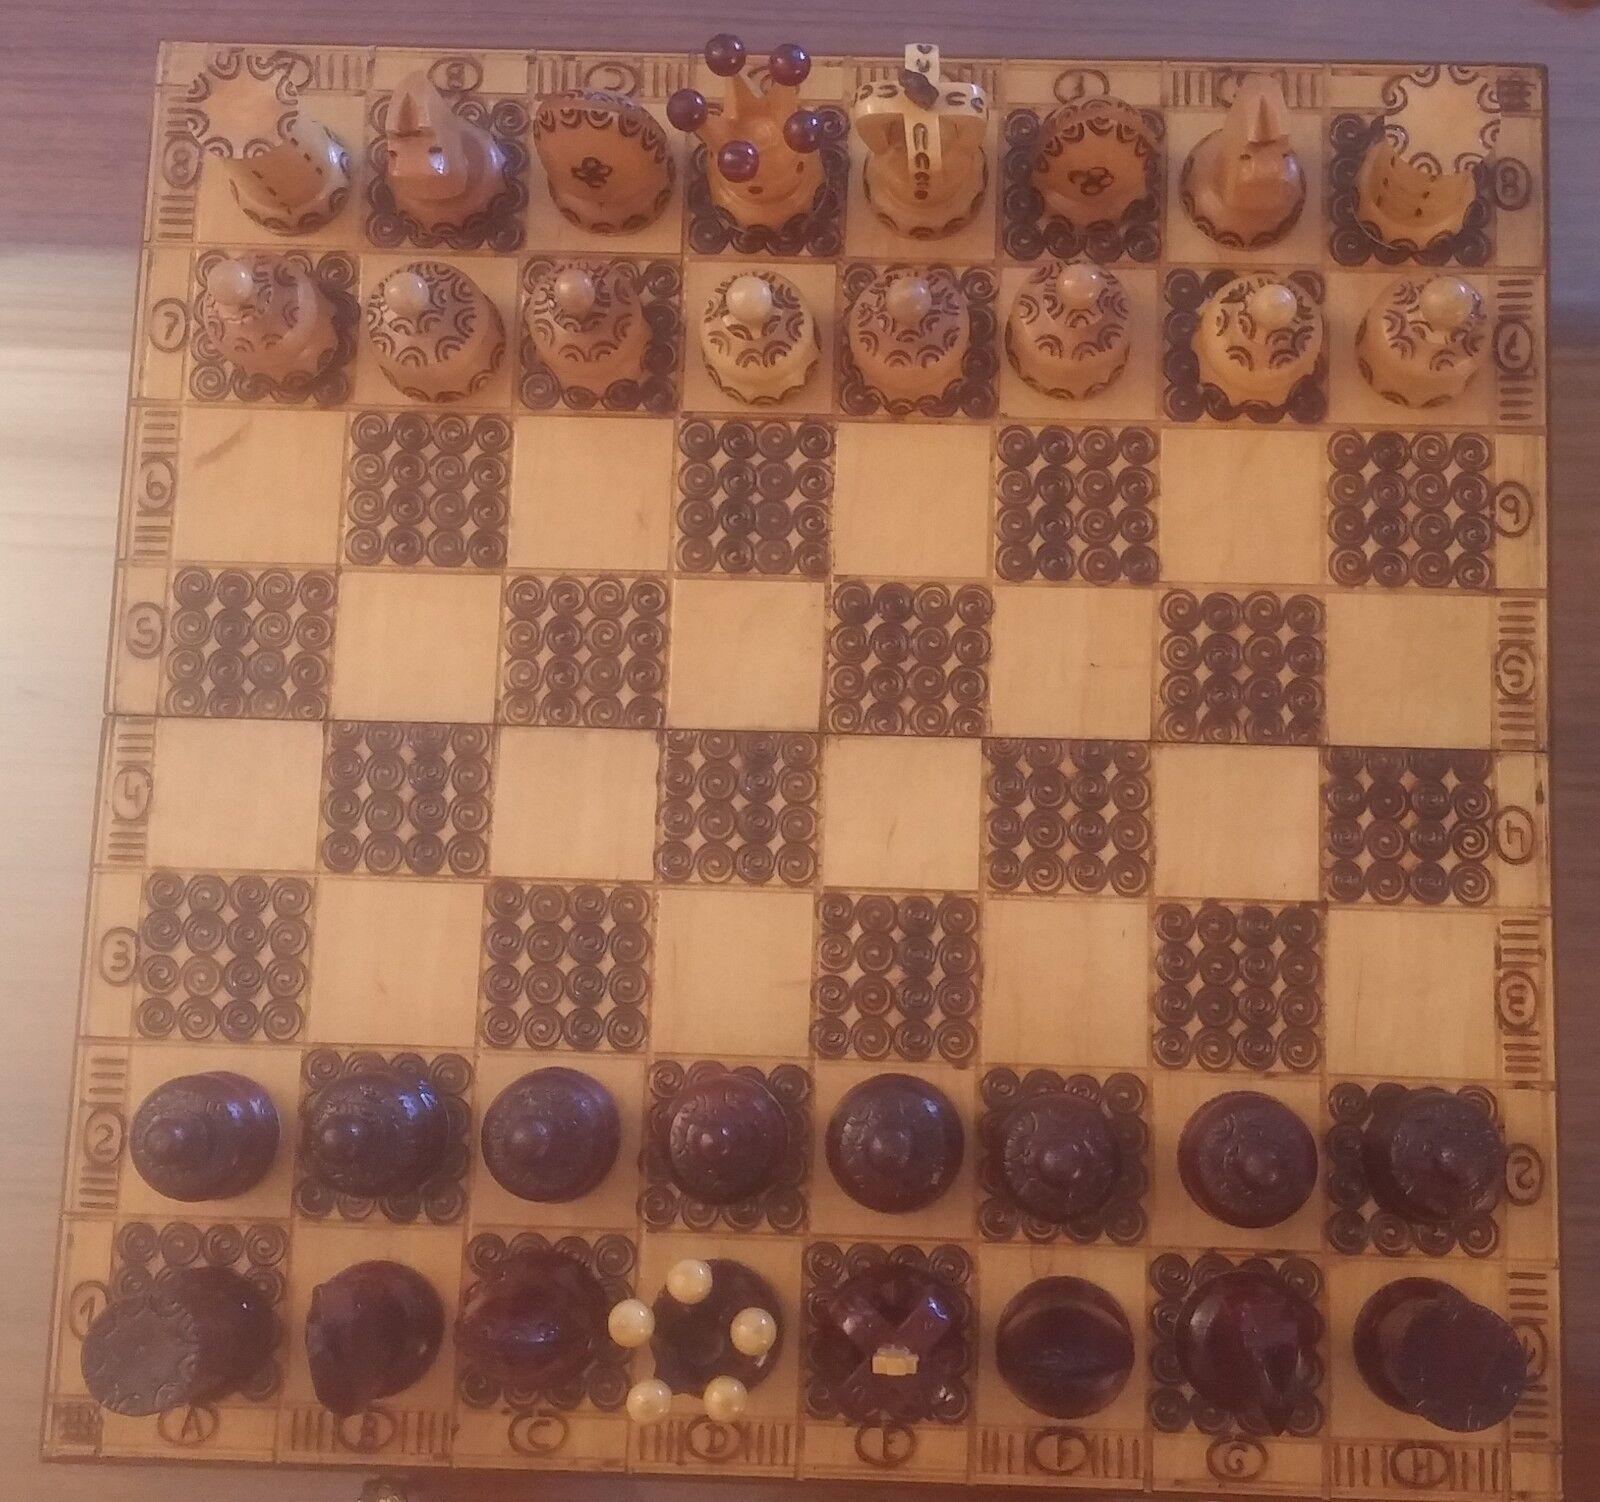 Beau jeu d'échecs - Europe de l'Est  - monete en bois - 40  40 - Fermoir neuf  basso prezzo del 40%